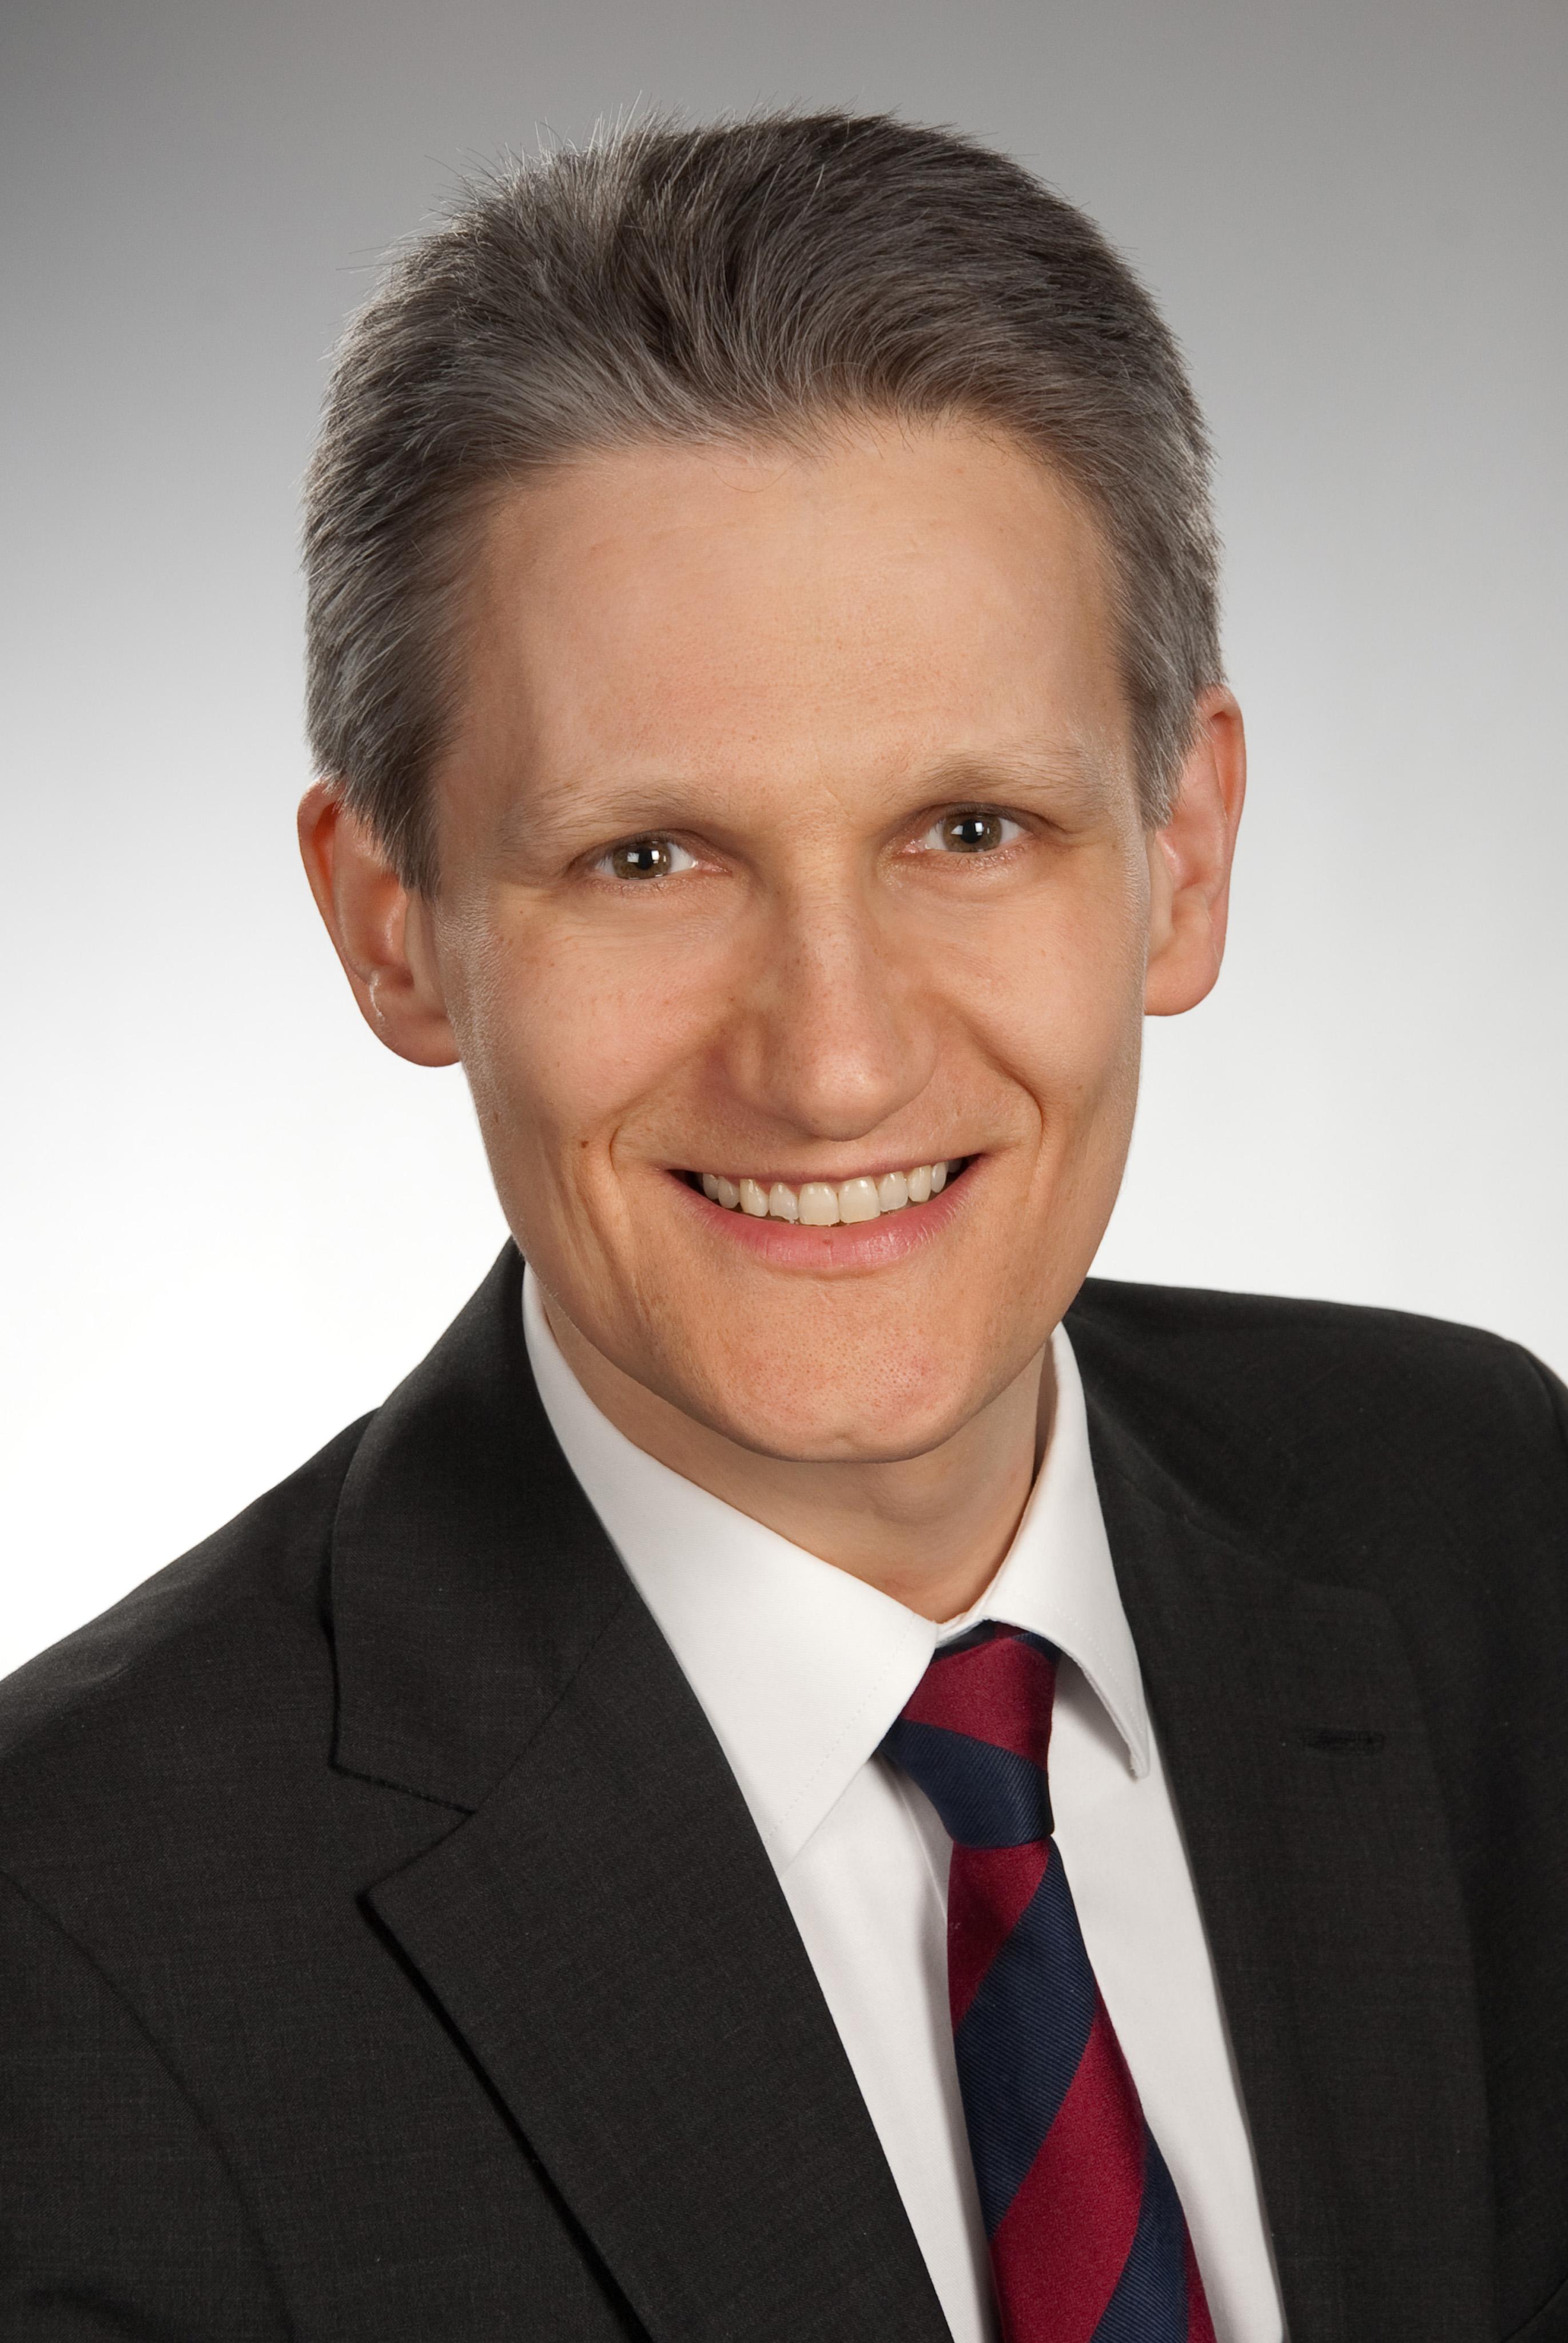 """""""UC wird durch Einbindung in Lieferketten auch für kleinere Firmen interessant"""", so Frank Heuer, Senior Advisor Experton Group. (Bild: Experton)"""